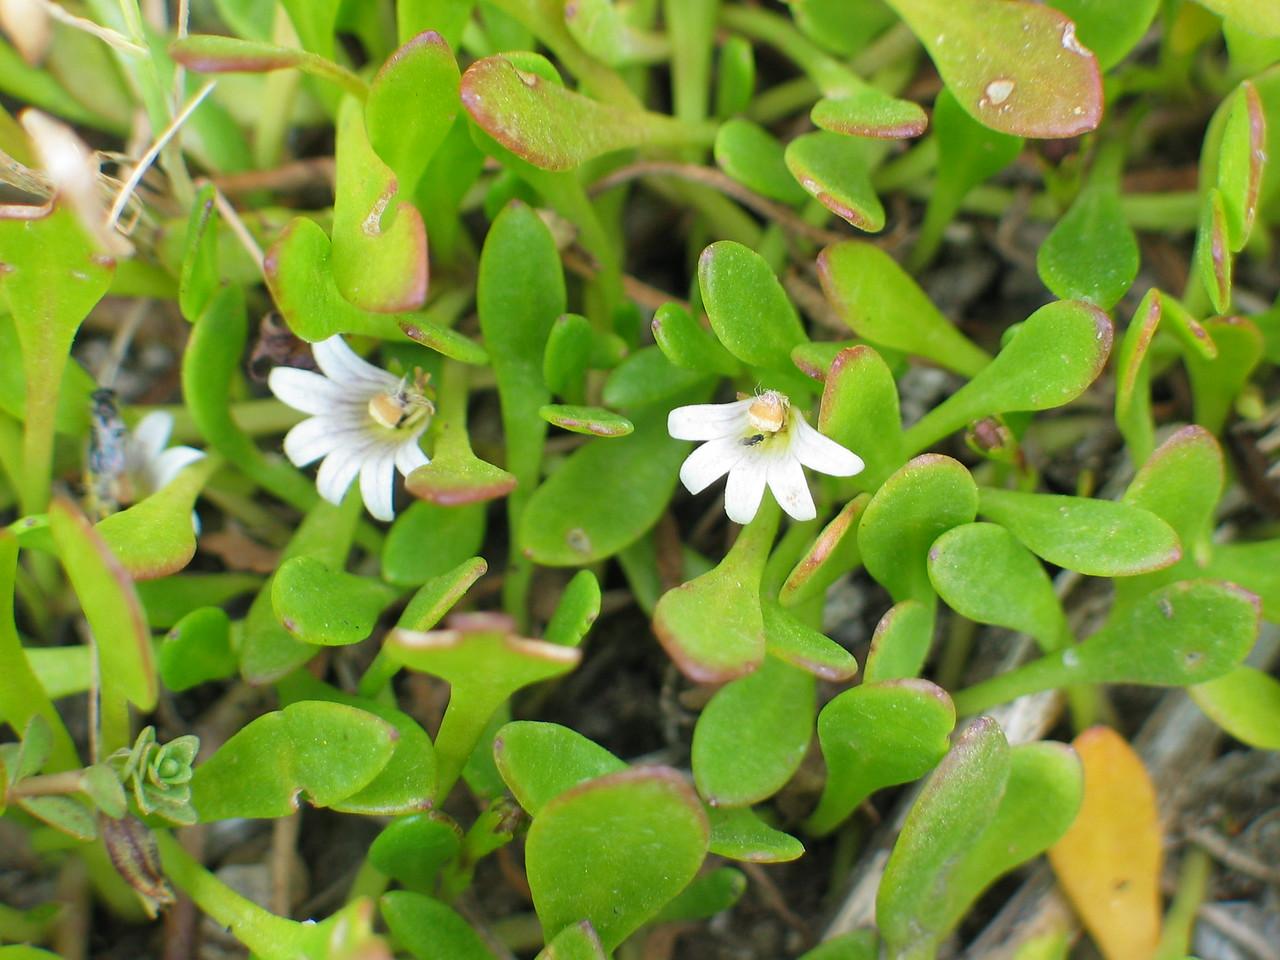 Sellaria radicans / Shiny Swamp-mat